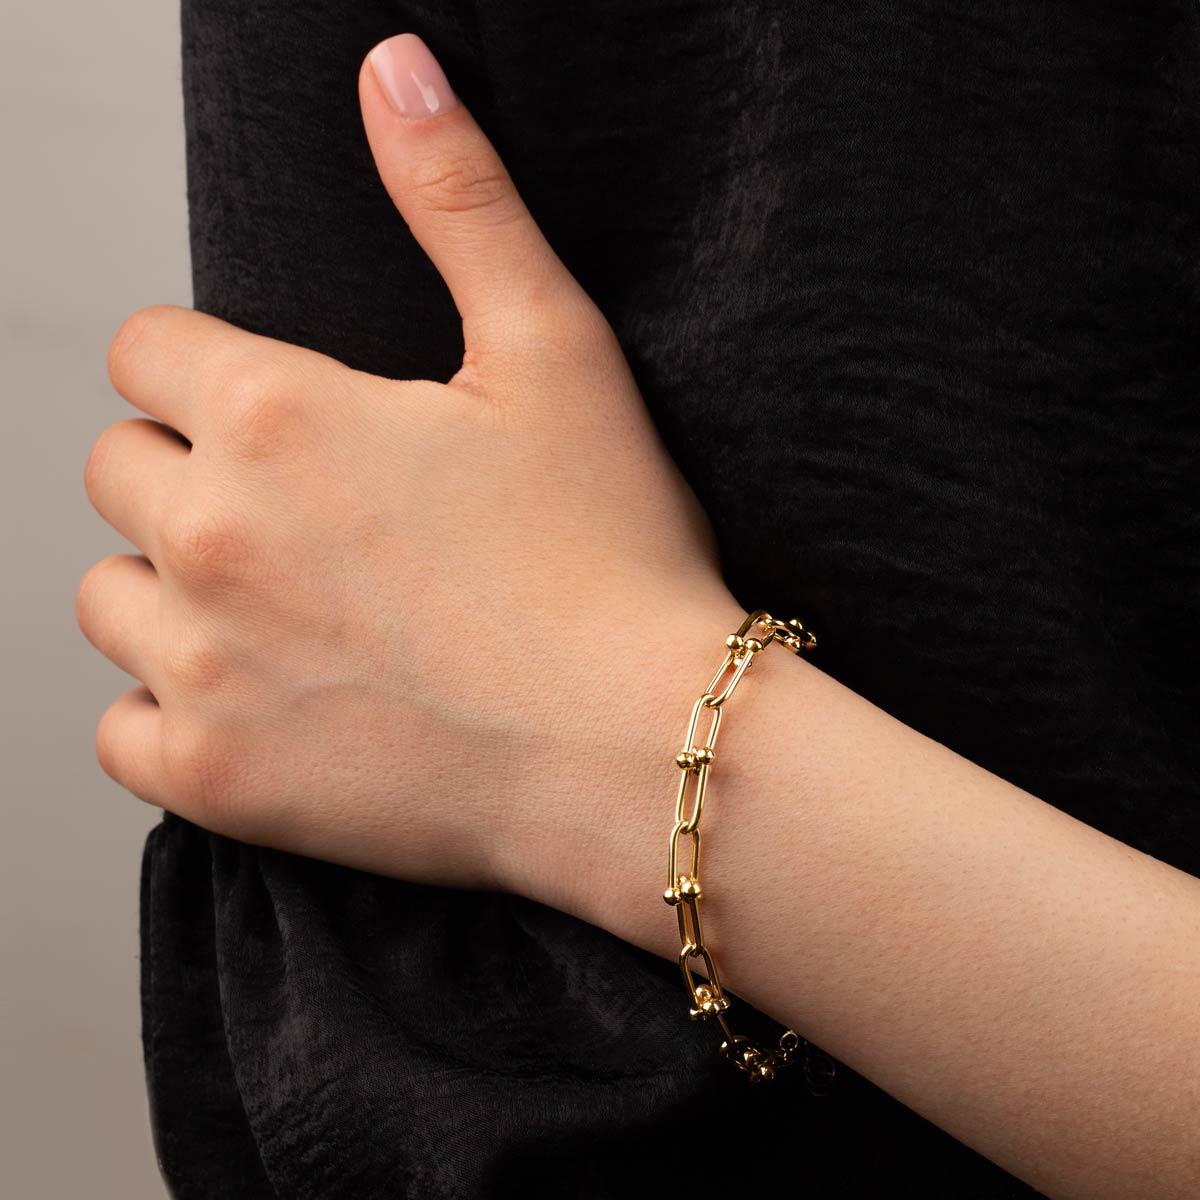 زنجیر دستبند طلا لینک